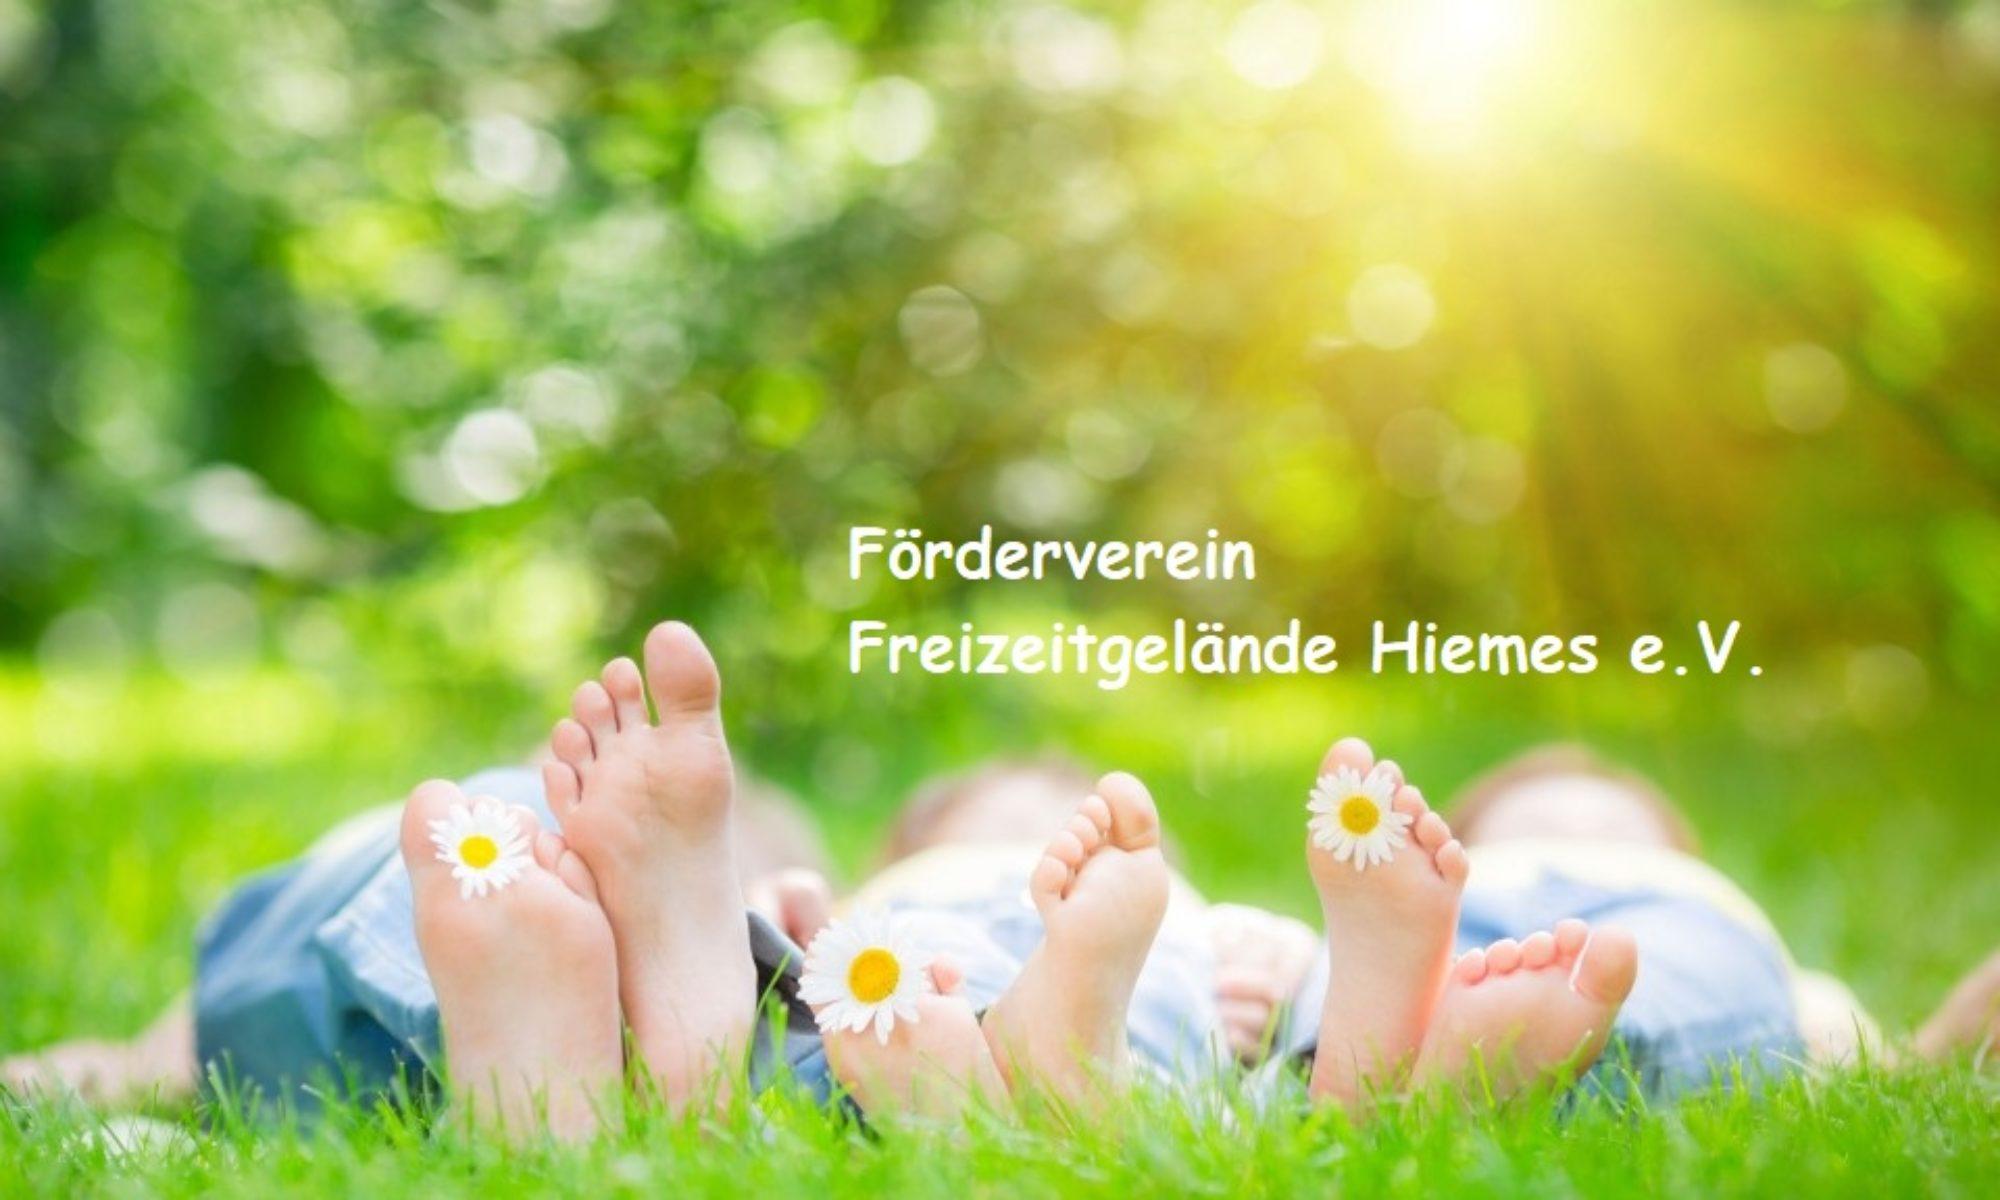 Förderverein Freizeitgelände Hiemes e.V.